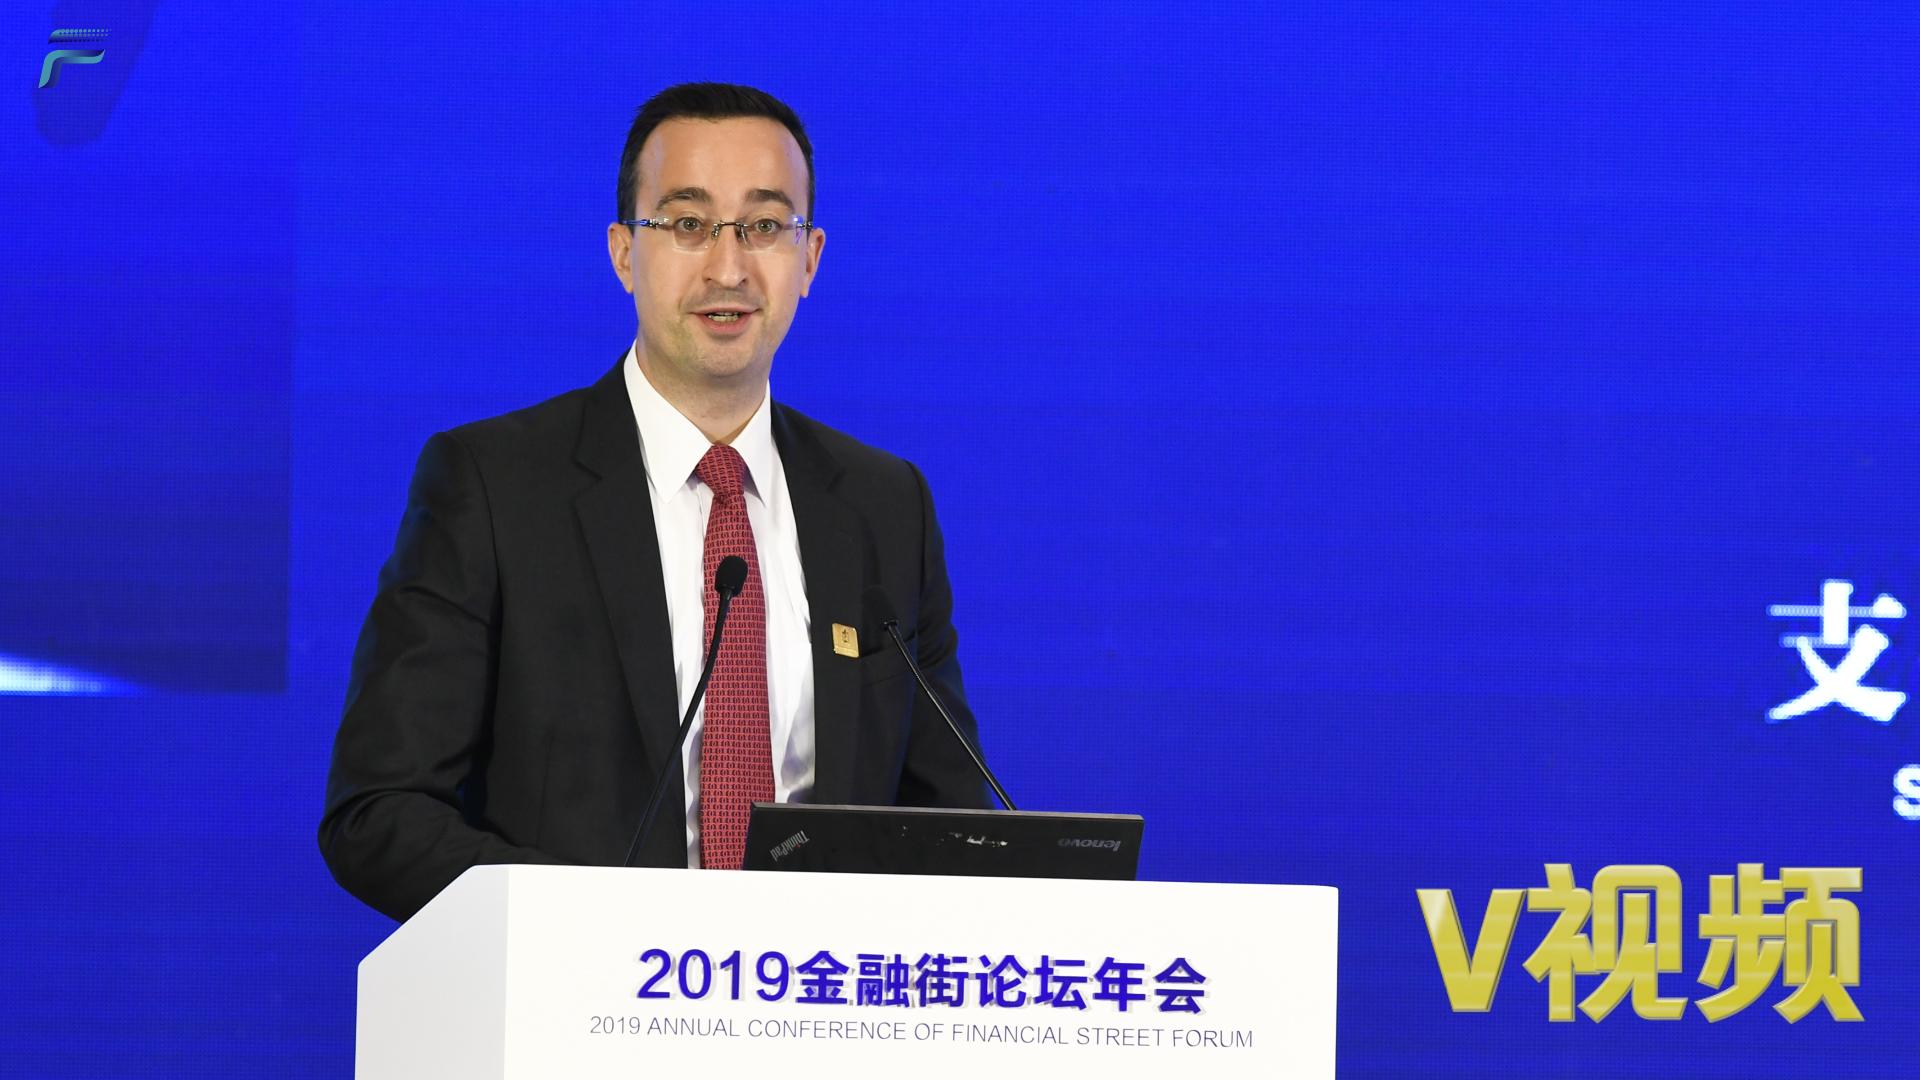 渣打全球首席经济学家:中国将成全球第二大债券市场